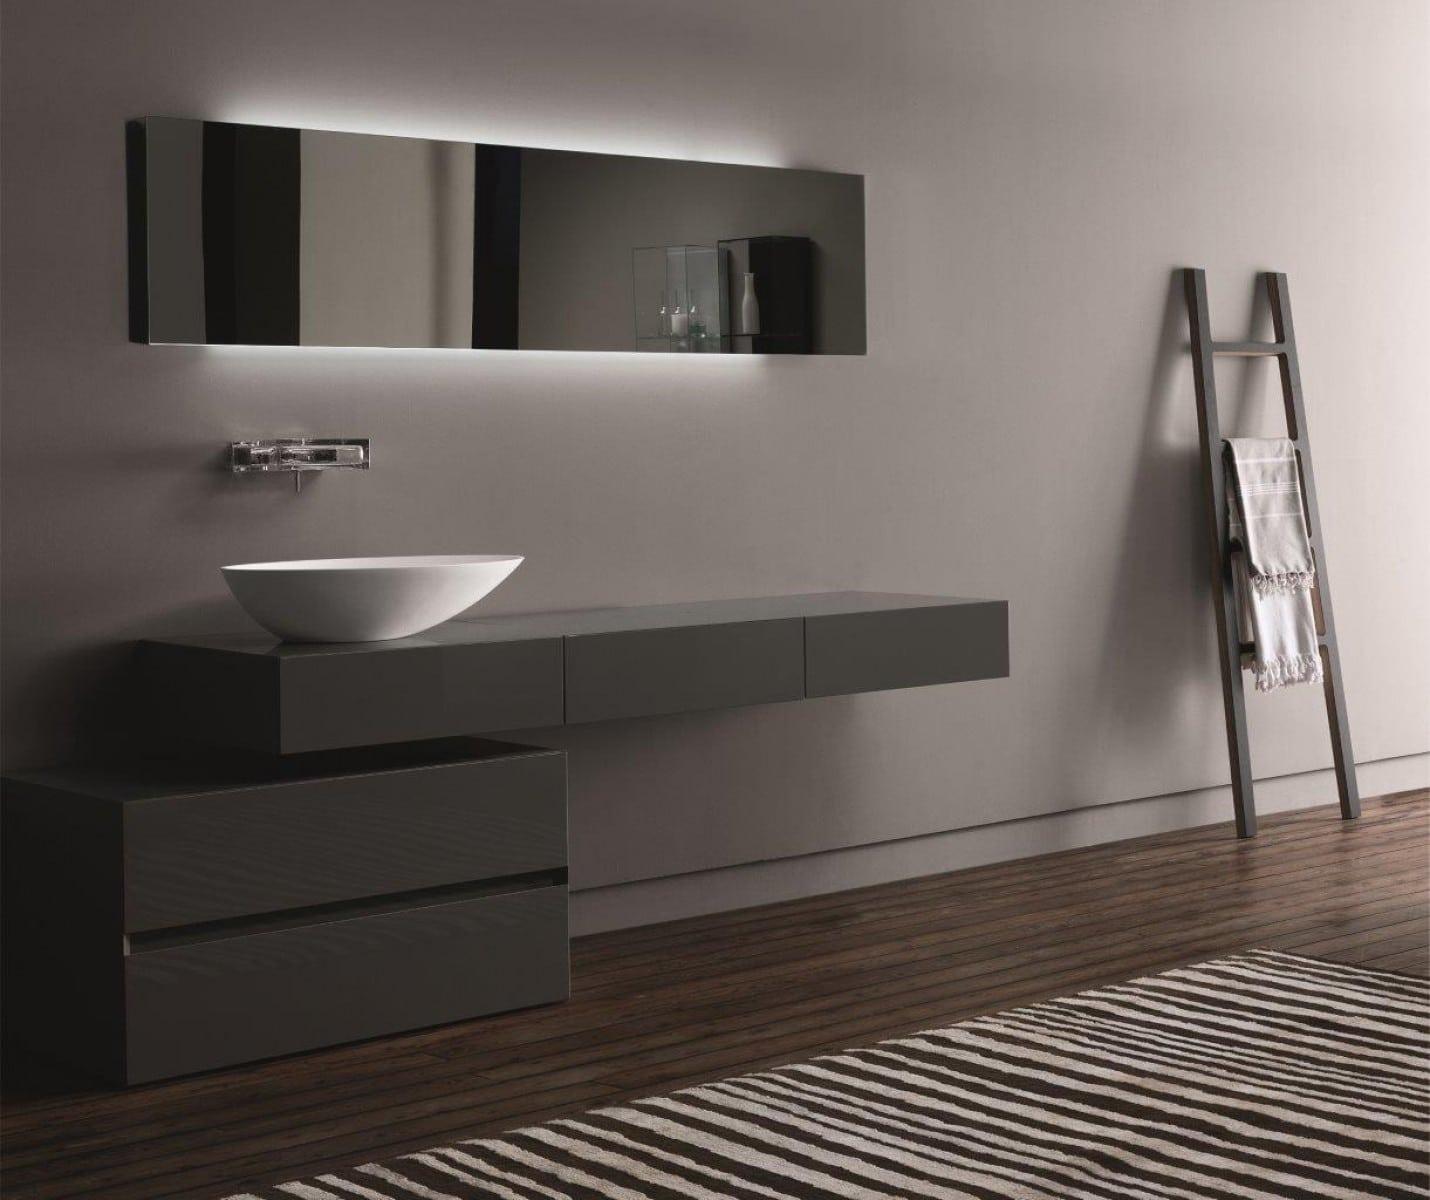 Dise o de cuartos de ba o modernos fotos construye hogar for Disenos de banos modernos